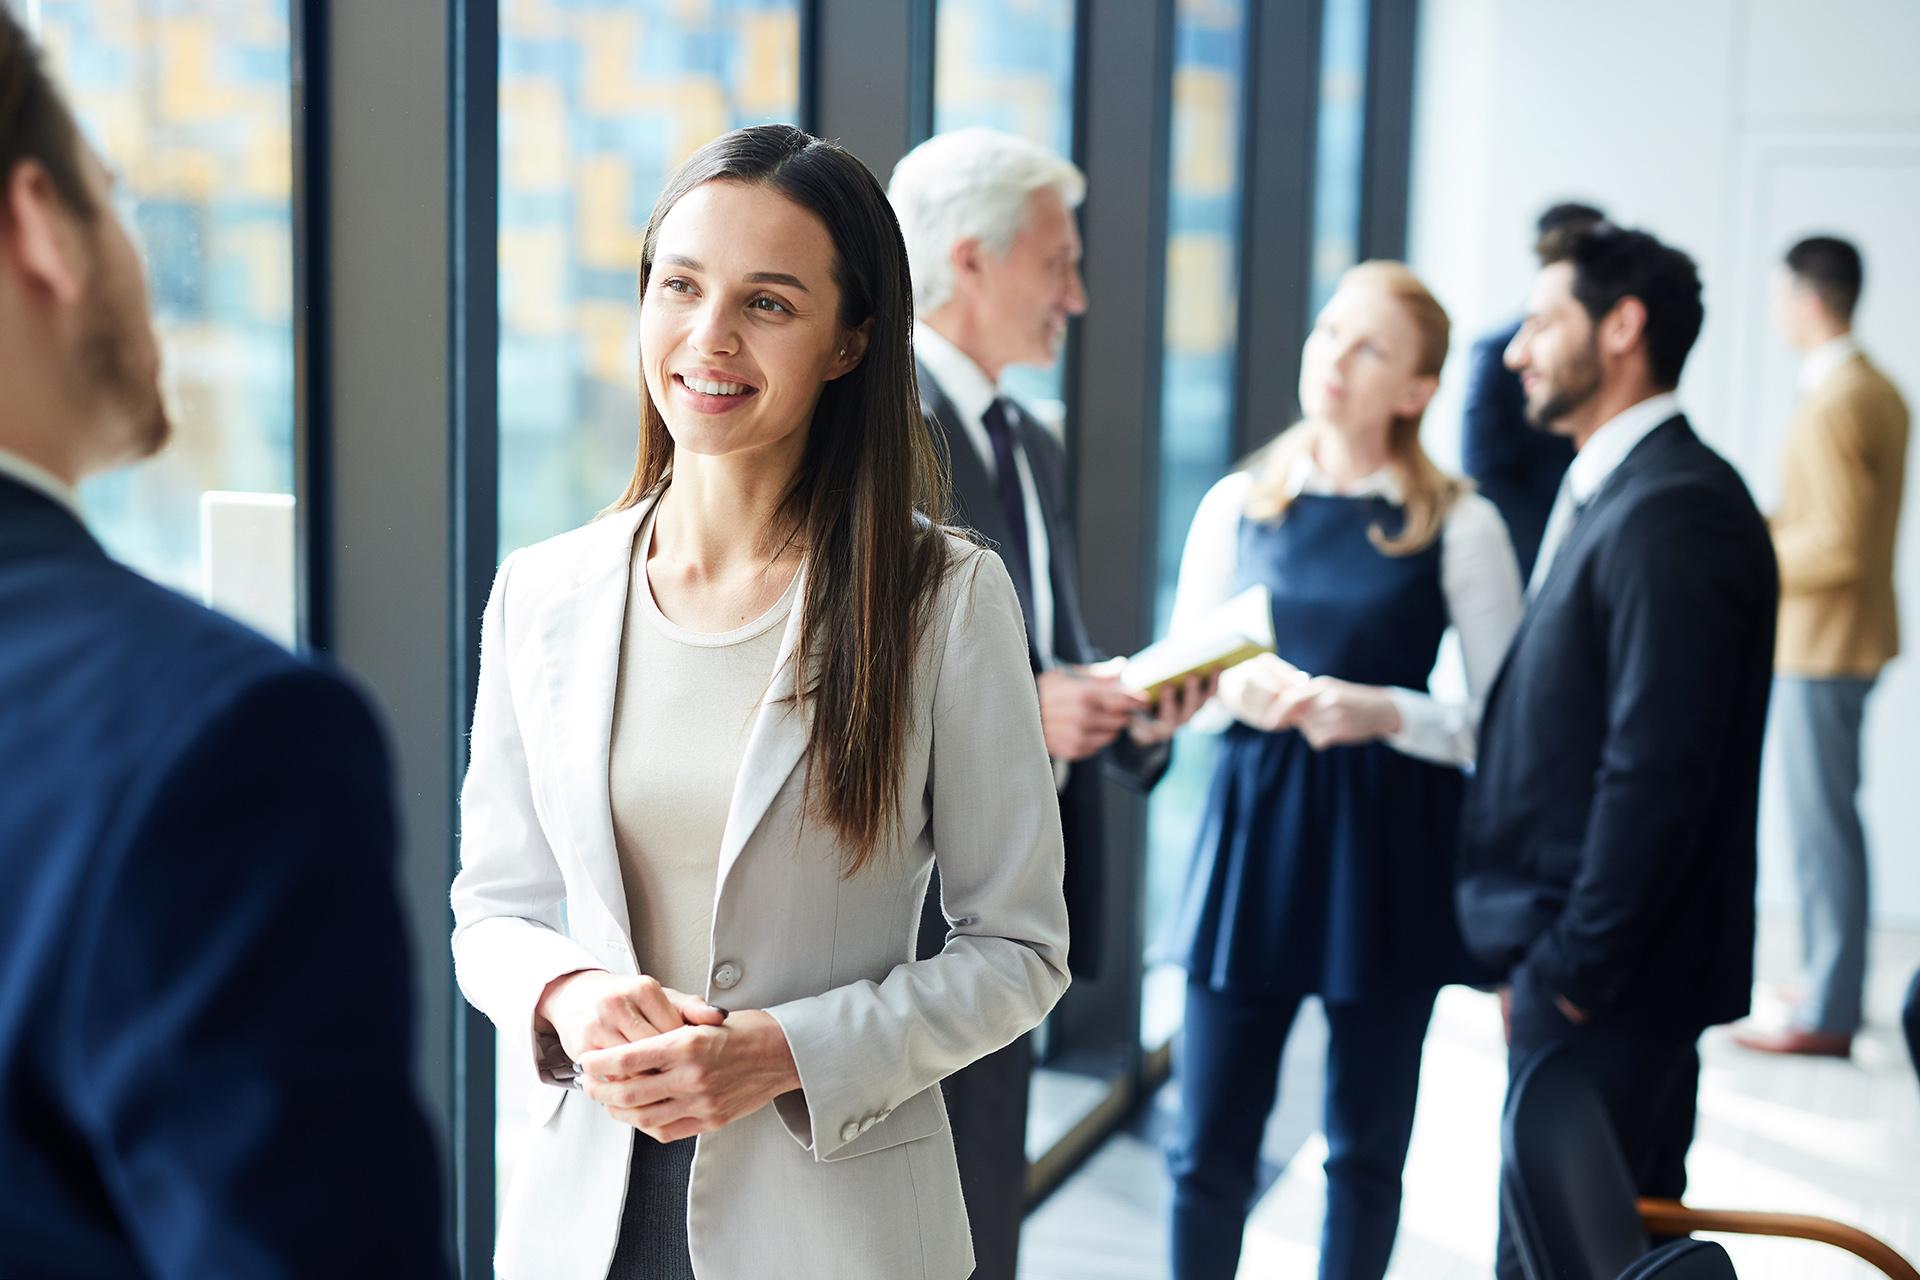 Gruppe von Personen in Business Umgebung